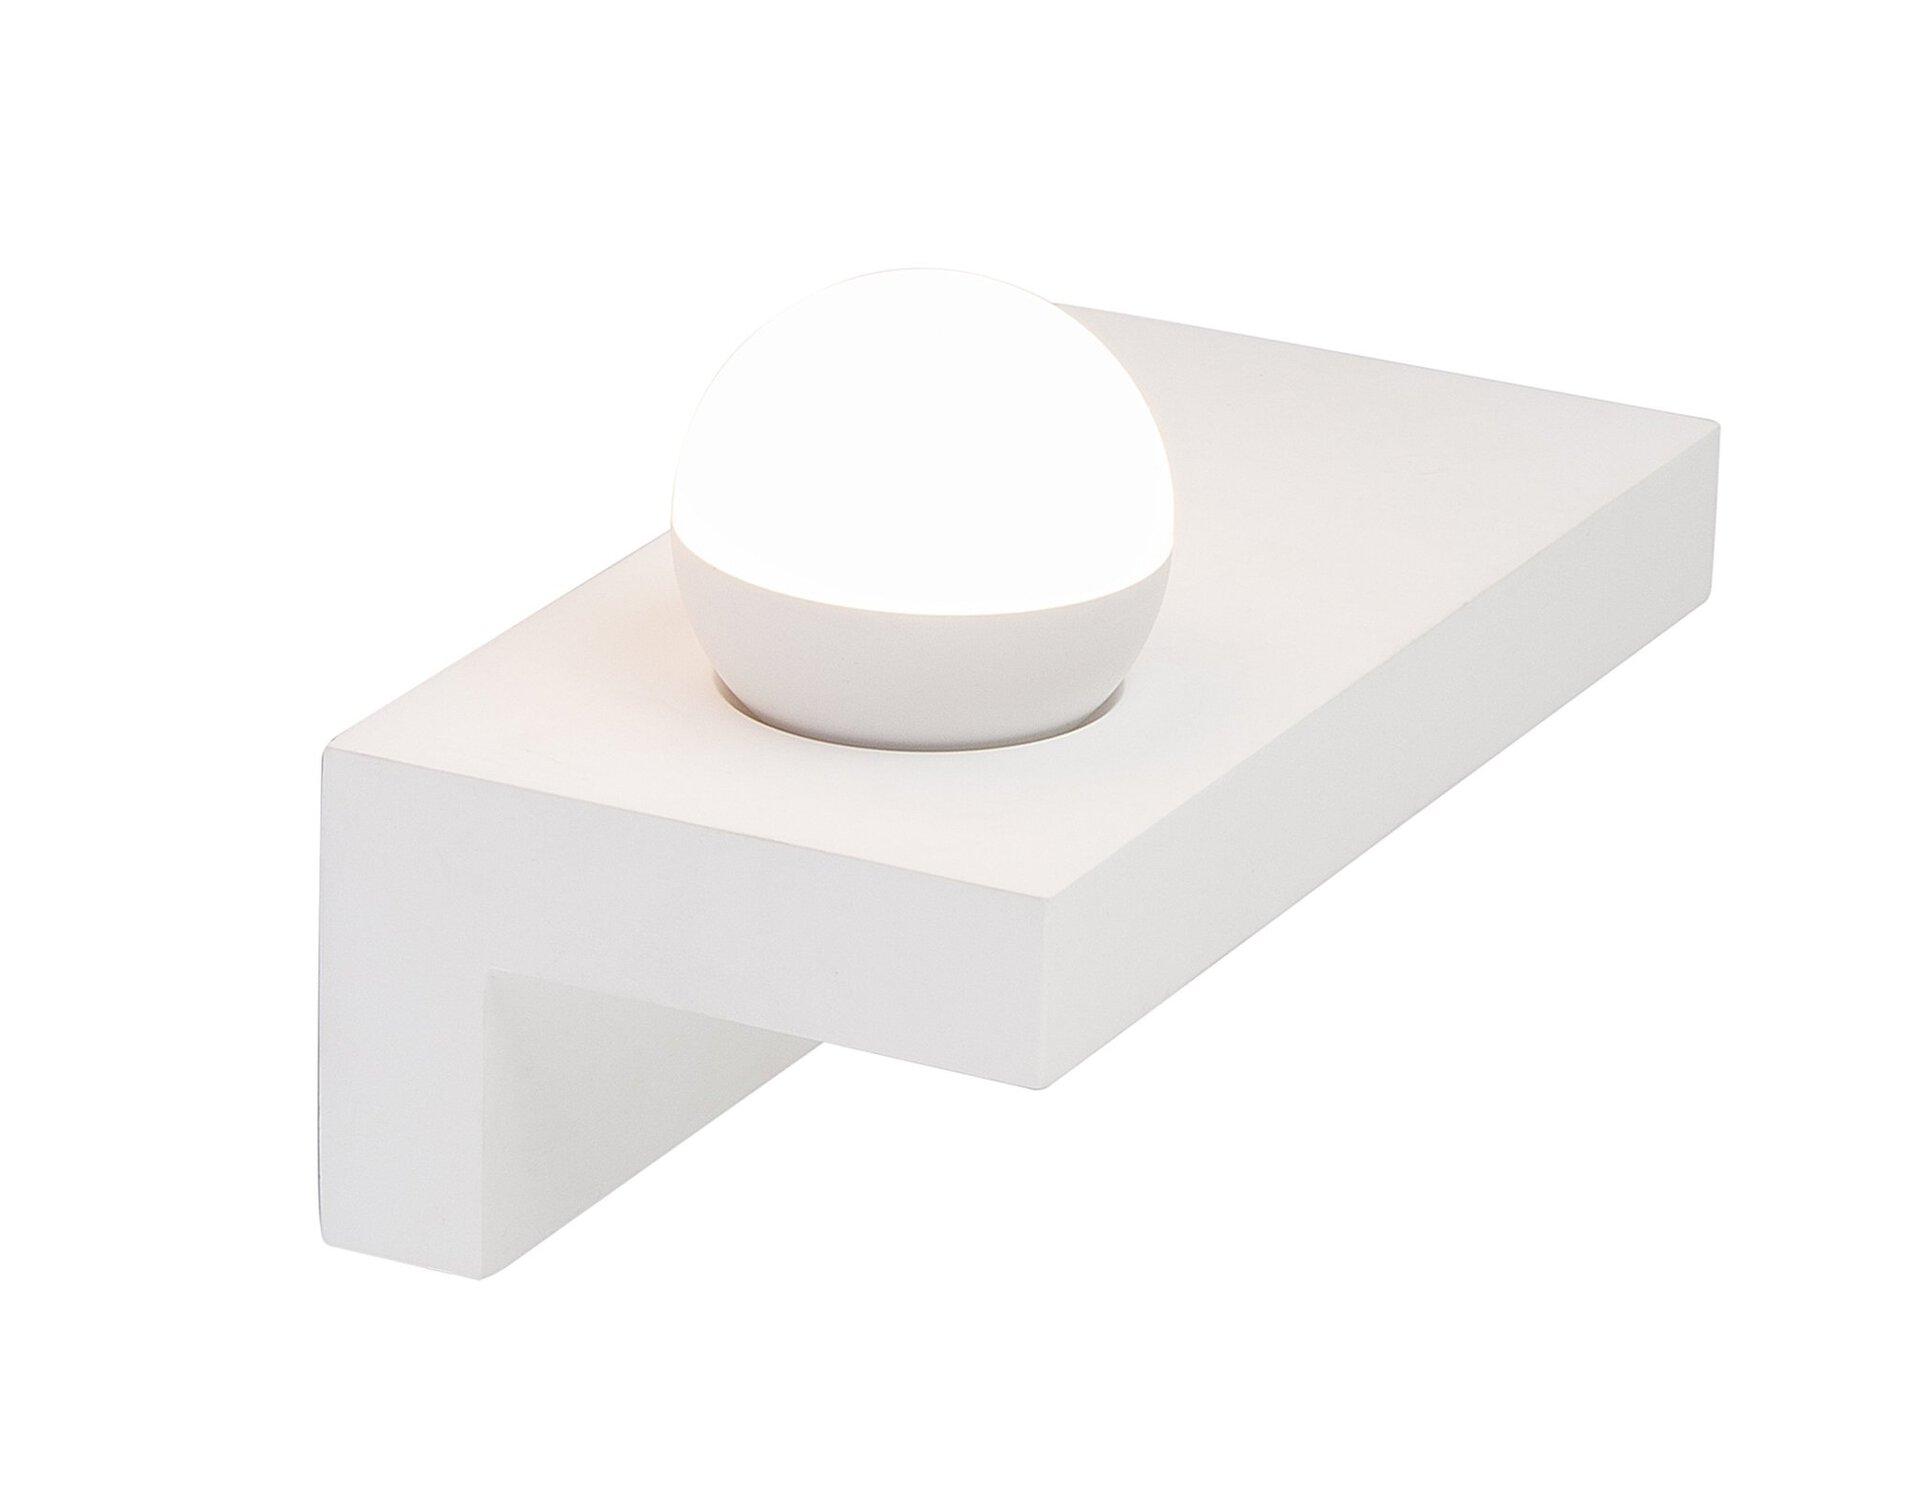 Wandleuchte CHRISTINE Globo Metall weiß 18 x 15 x 30 cm